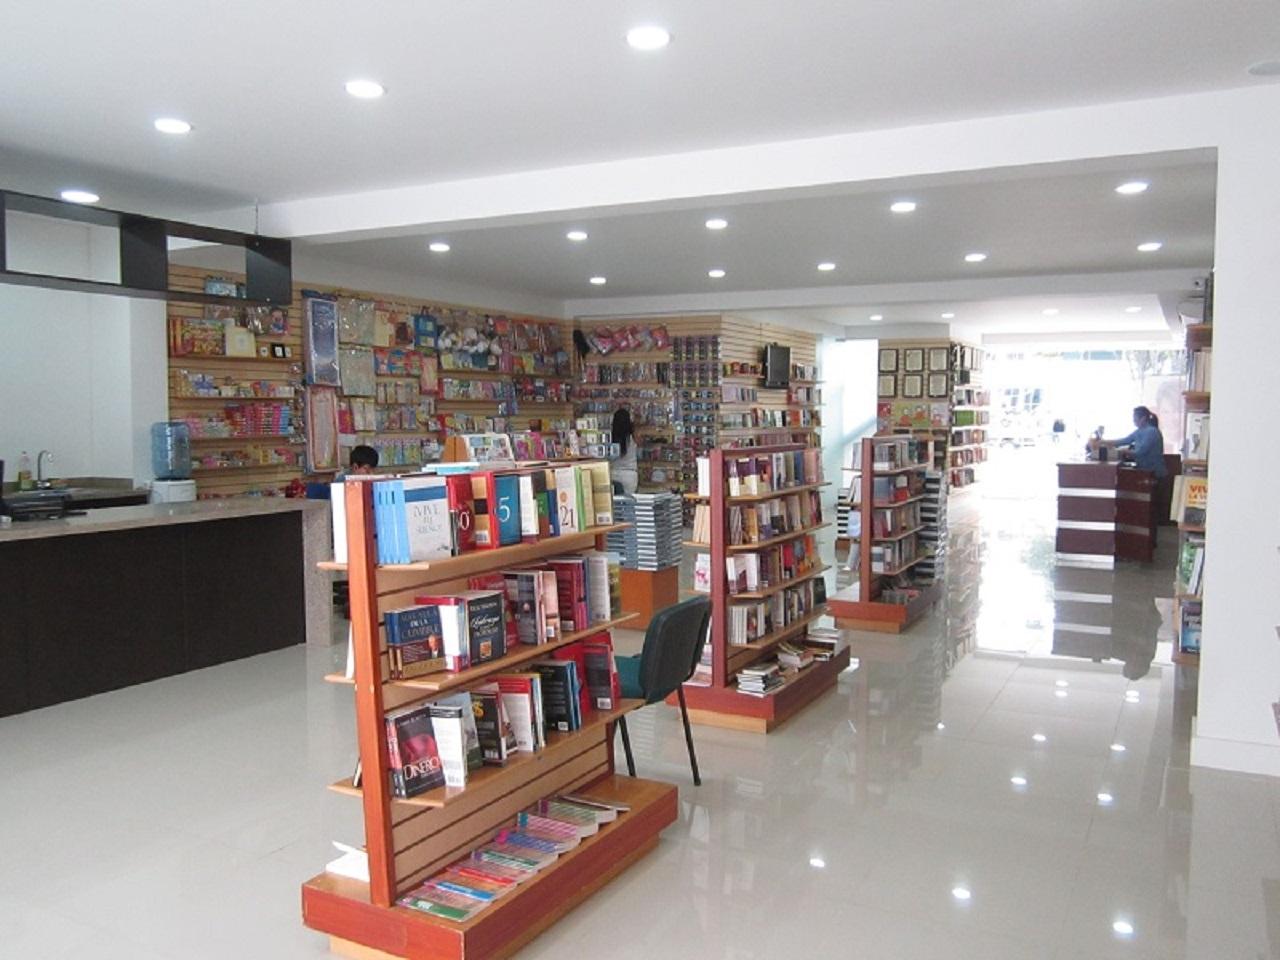 Librer a cristiana clc cali librer as cristianas clc colombia - Librerias cristiana ...